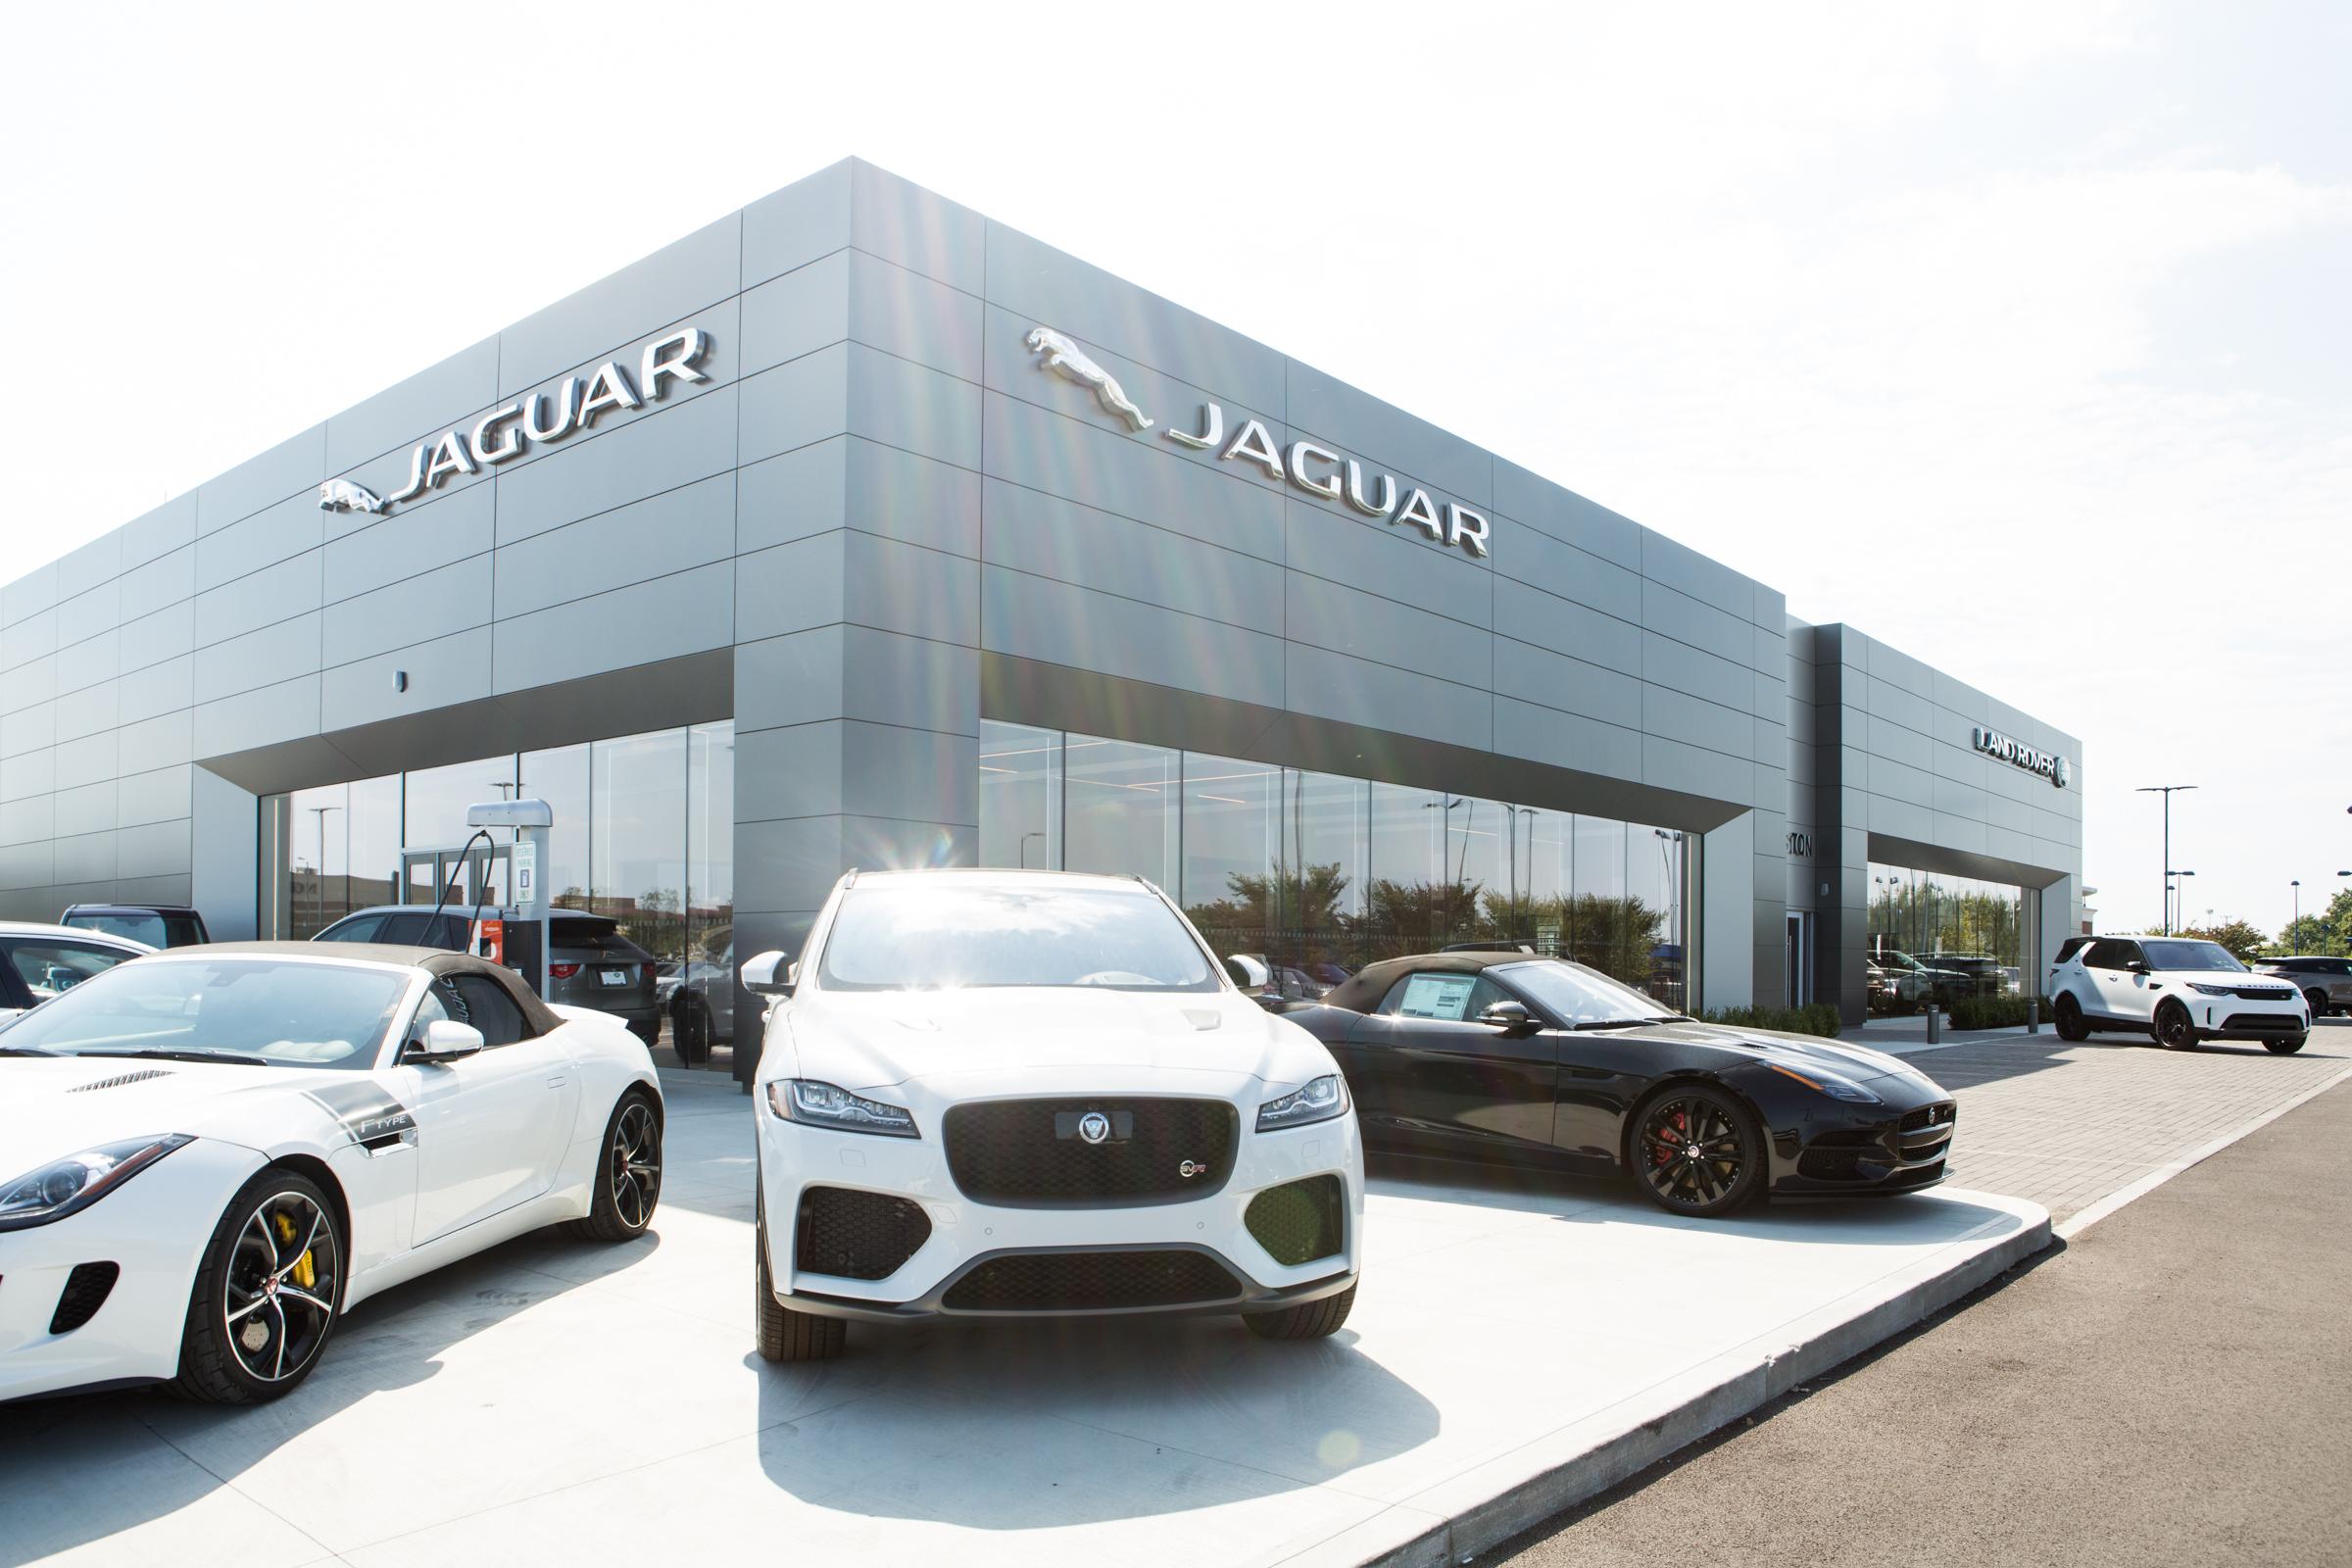 Germain Jaguar / Land Rover